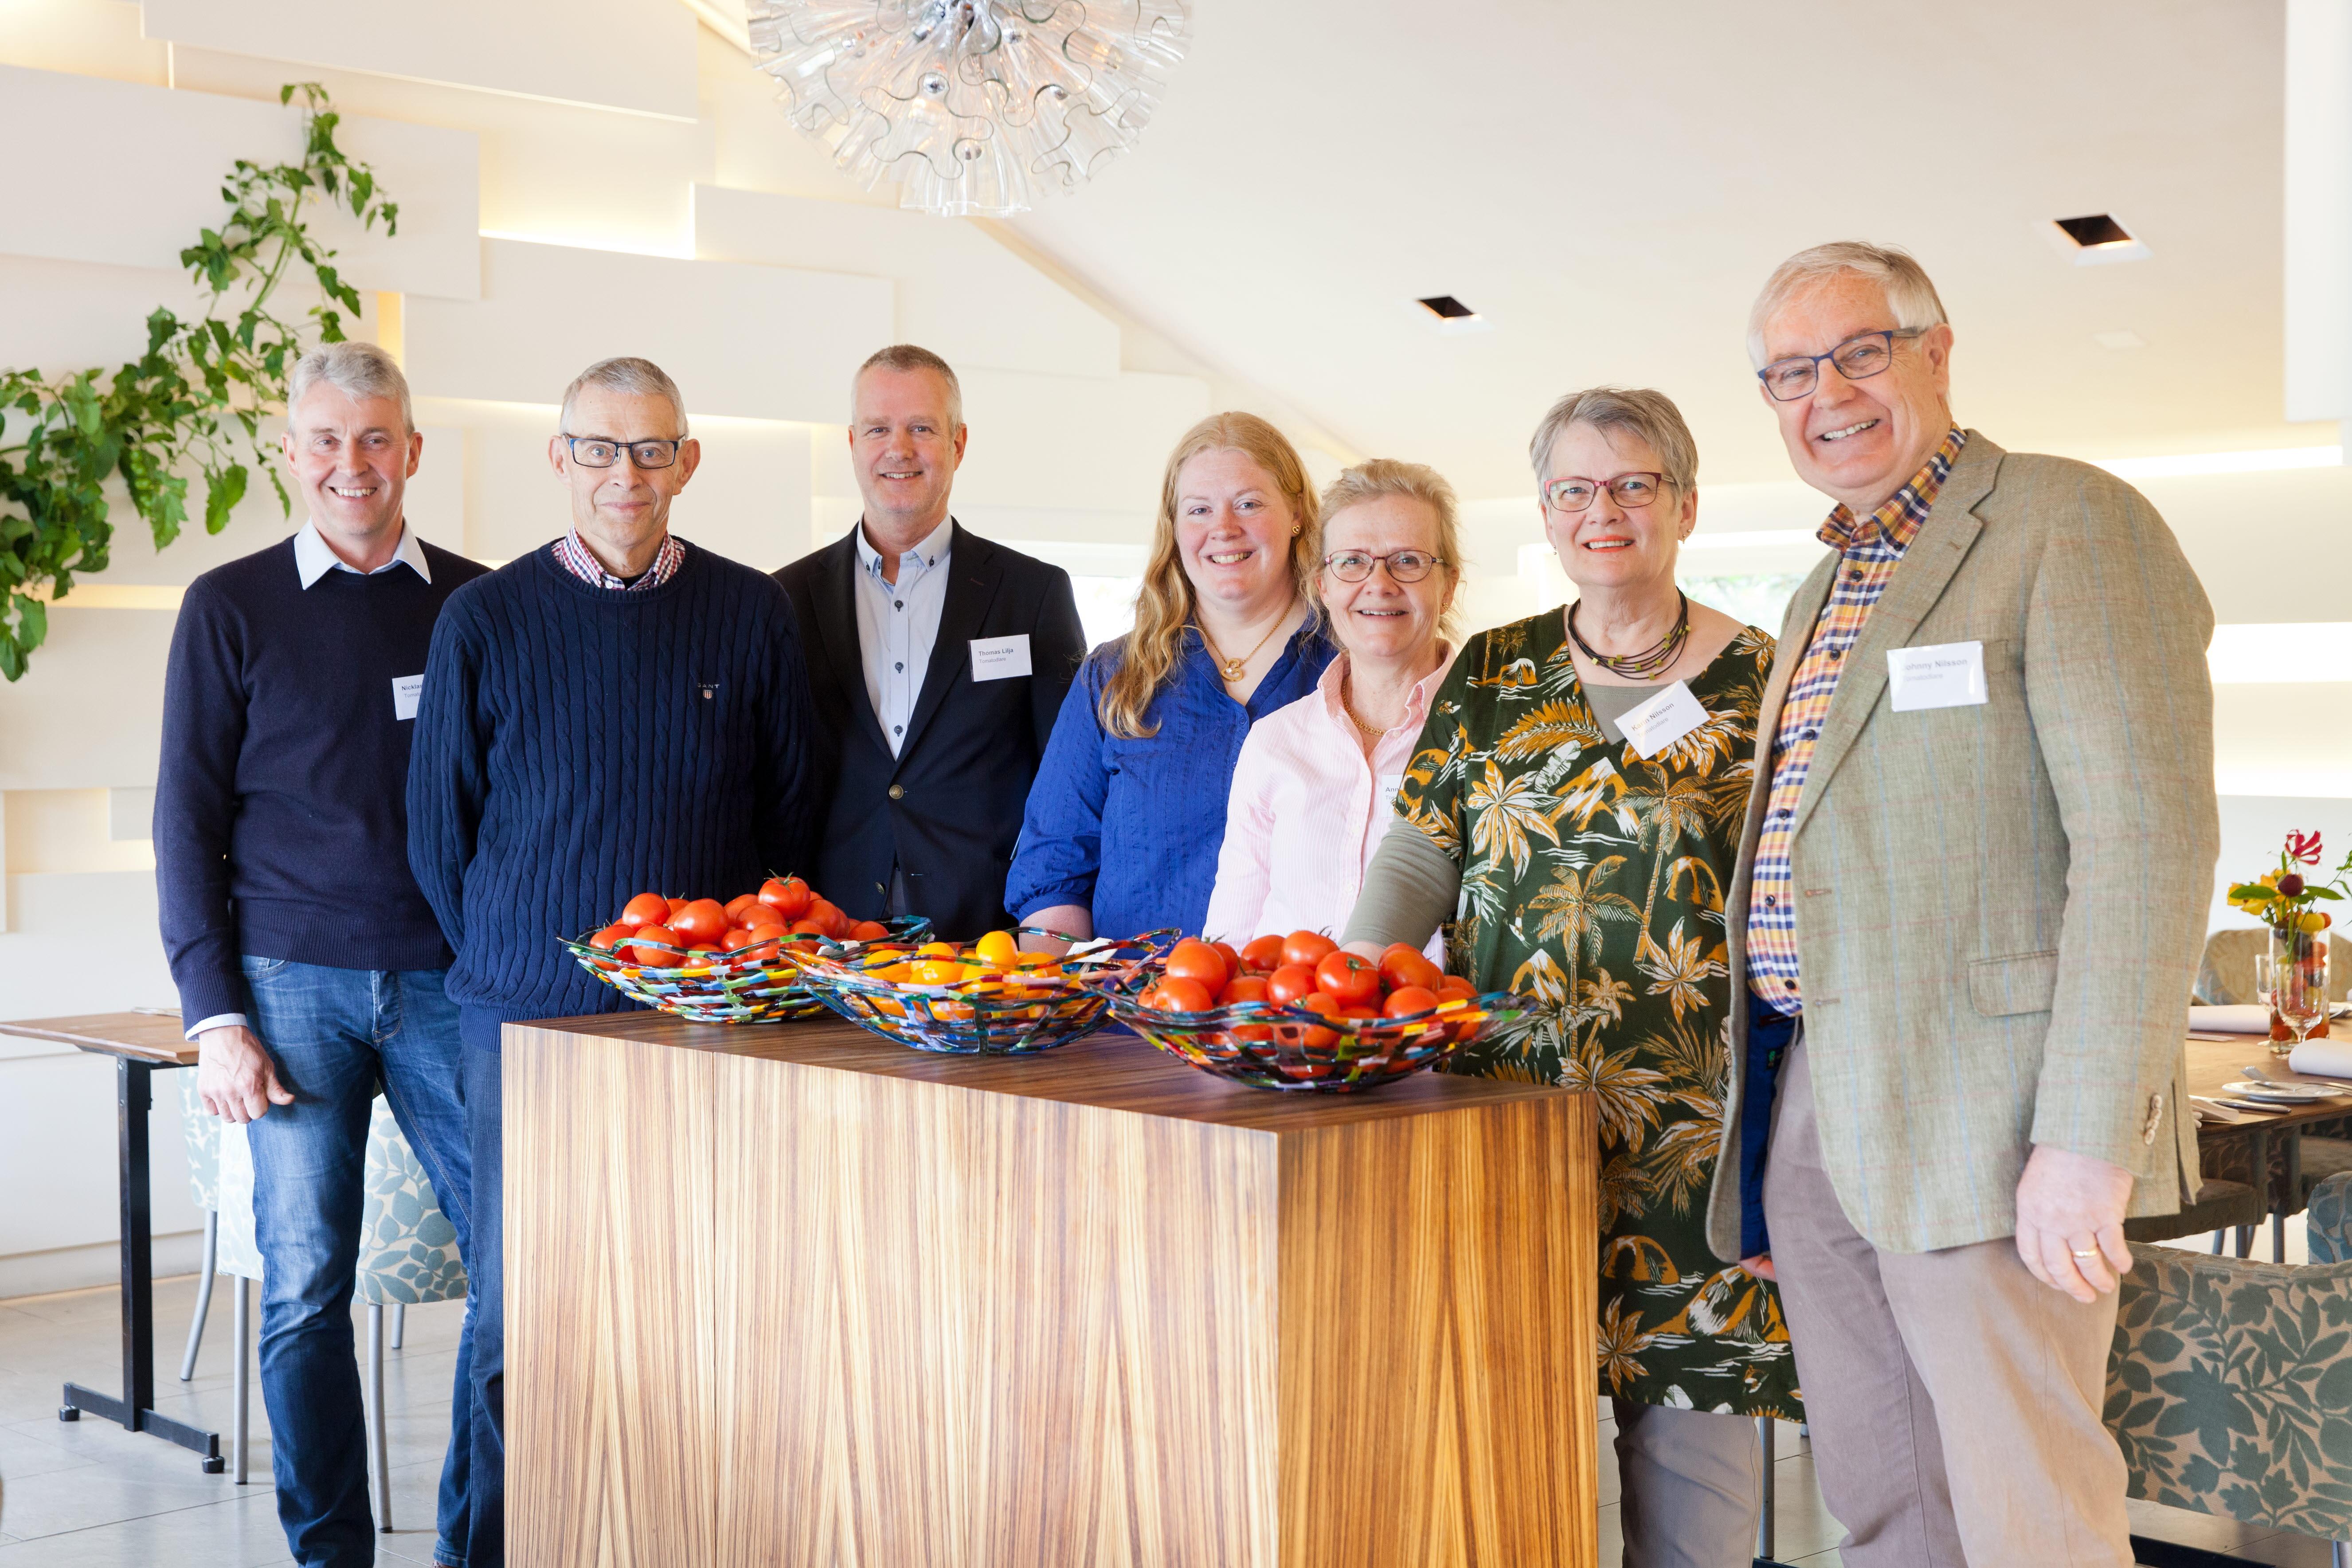 Svenska tomatodlare på plats: Nicklas Nilsson, Per Söderlund, Thomas Lilja, Caroline Andersson, Annicka Assarsson, Karin Nilsson och Johnny Nilsson